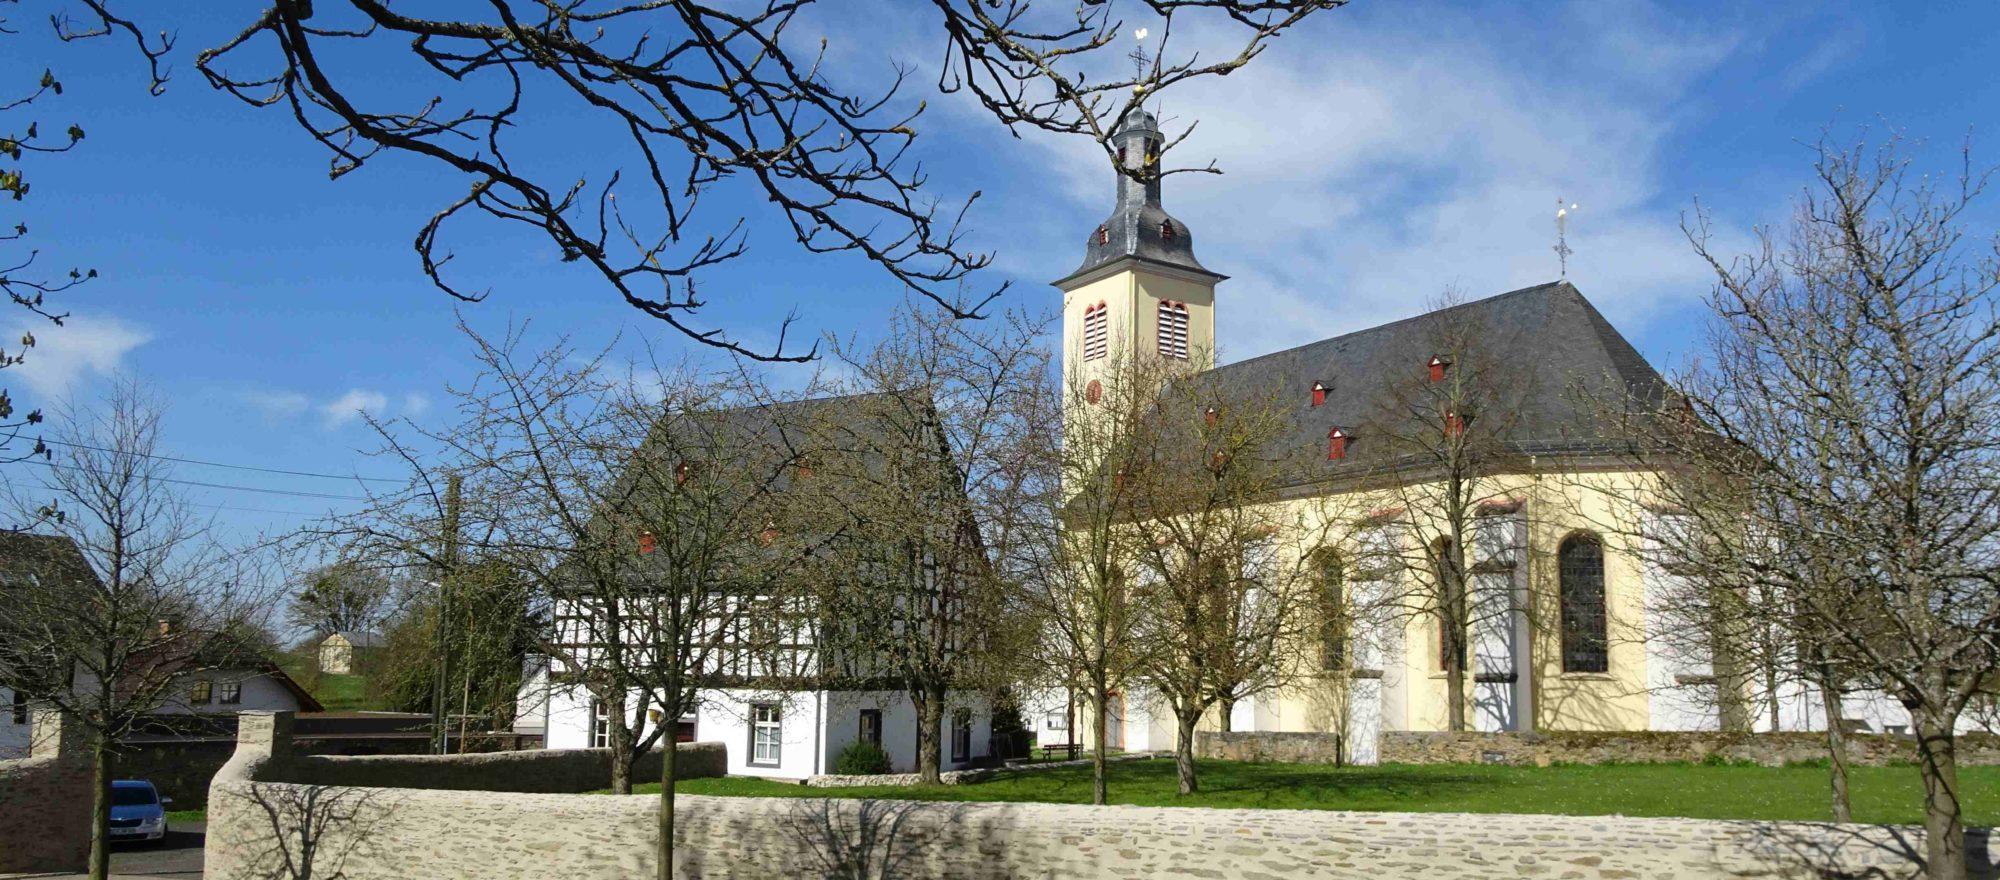 Förderverein der Pfarrkirche St. Pankratius, Herschwiesen